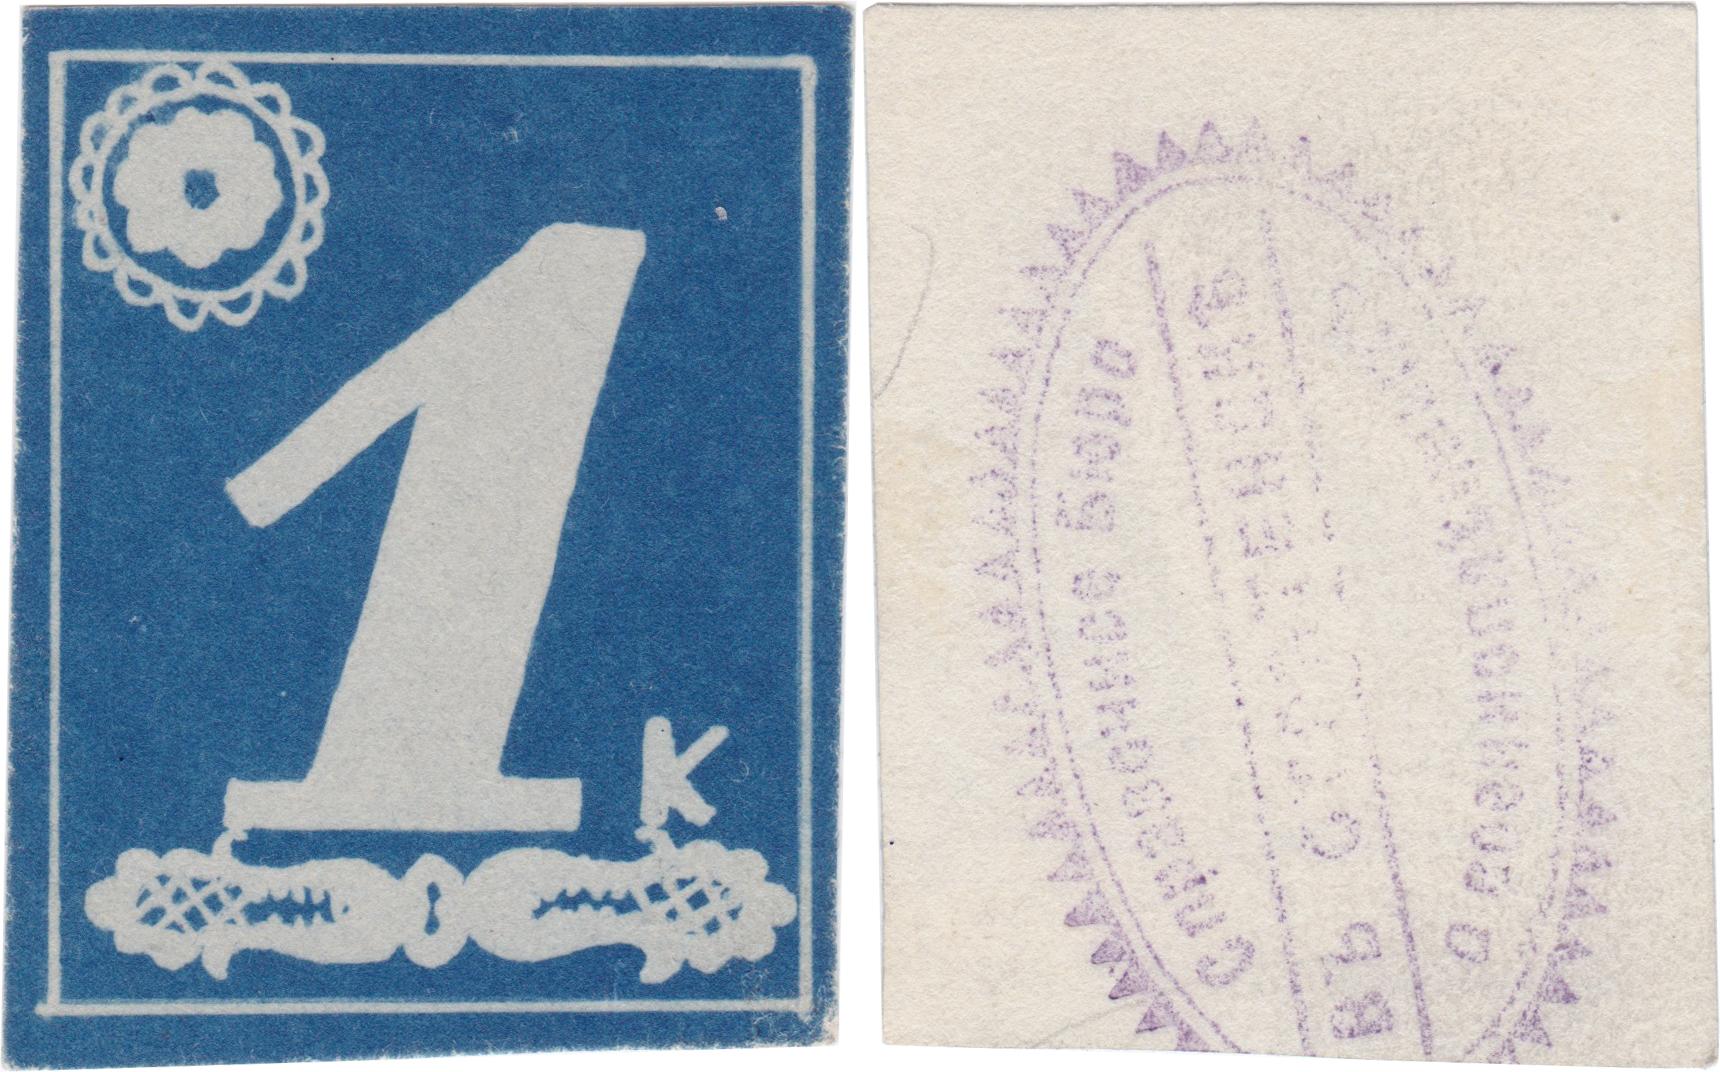 1 Копейка 1917 год. Офицерский лагерь для военнопленных, Сретенск (Забайкальская губерния)